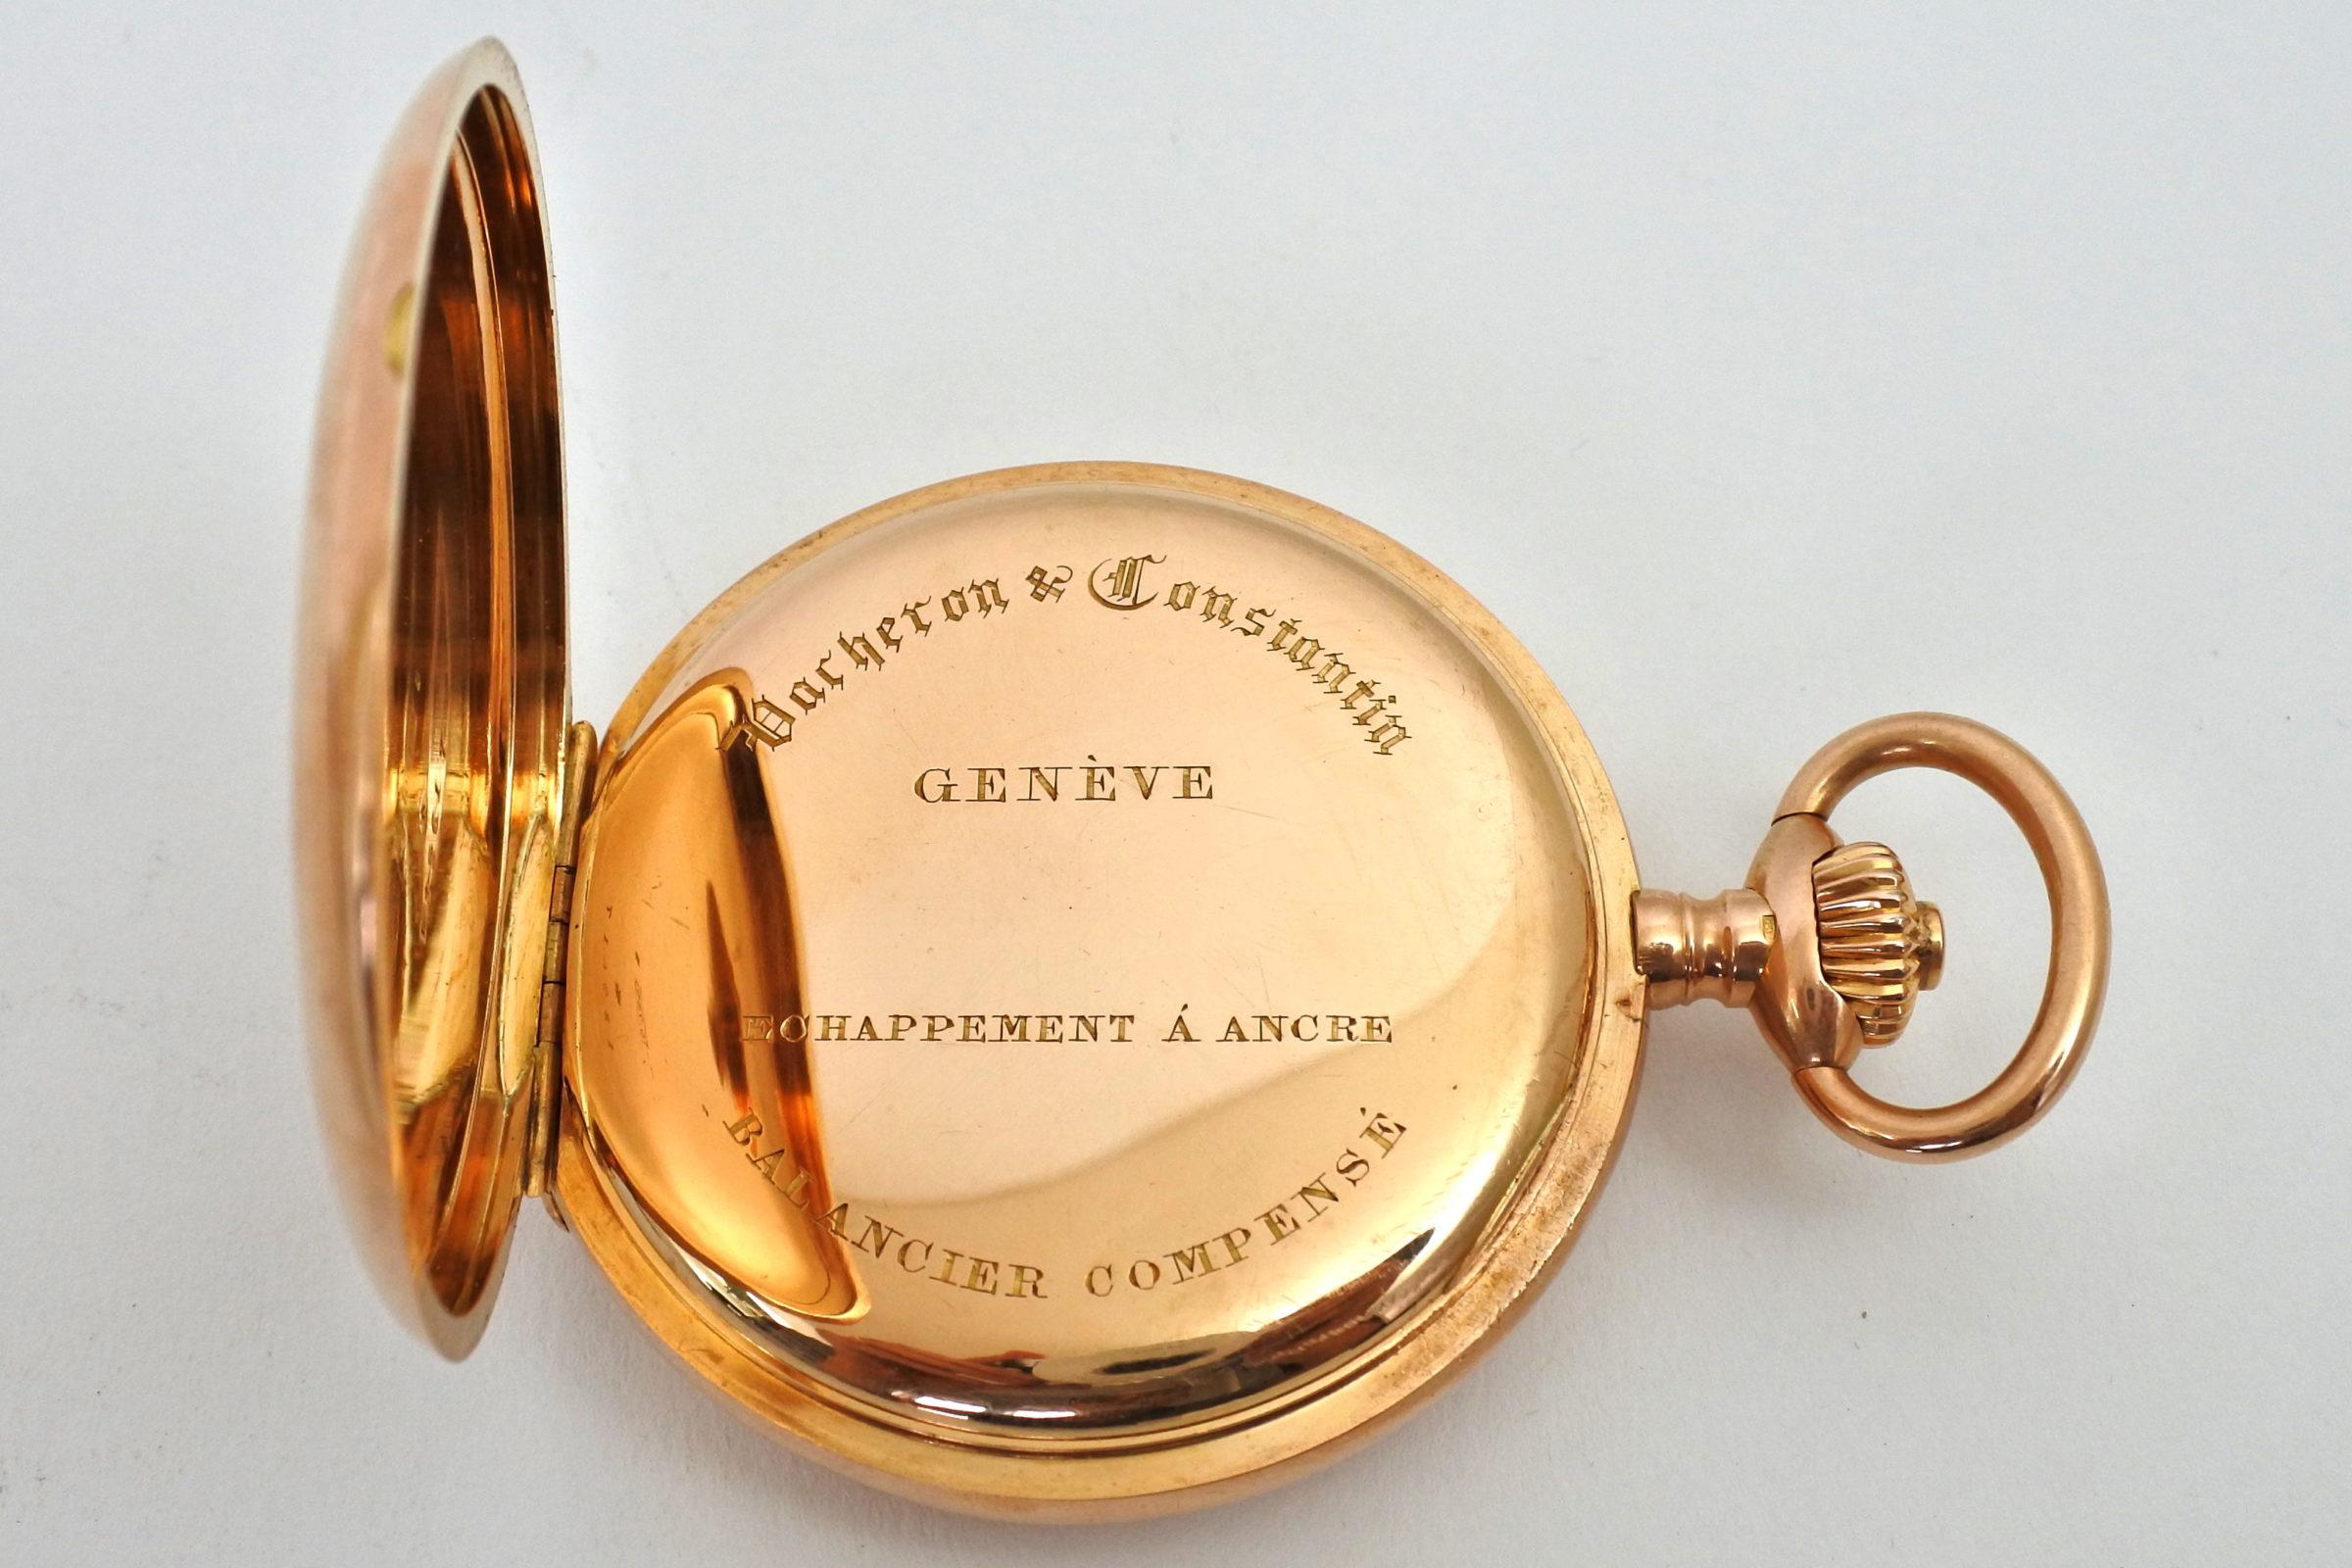 Orologio da tasca occhio di bue in oro - Vacheron & Constantin Genève - 6